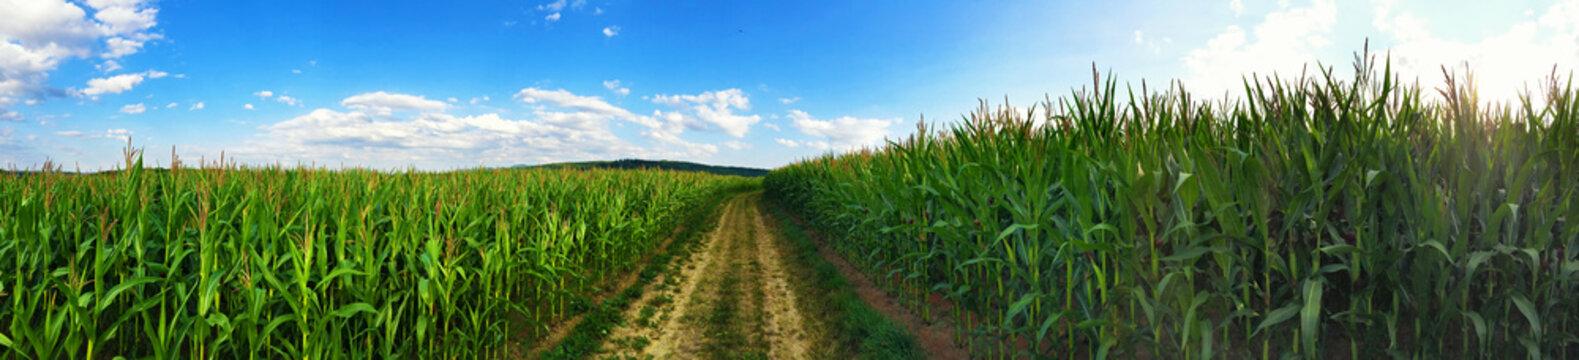 Weg durch die Maisfelder